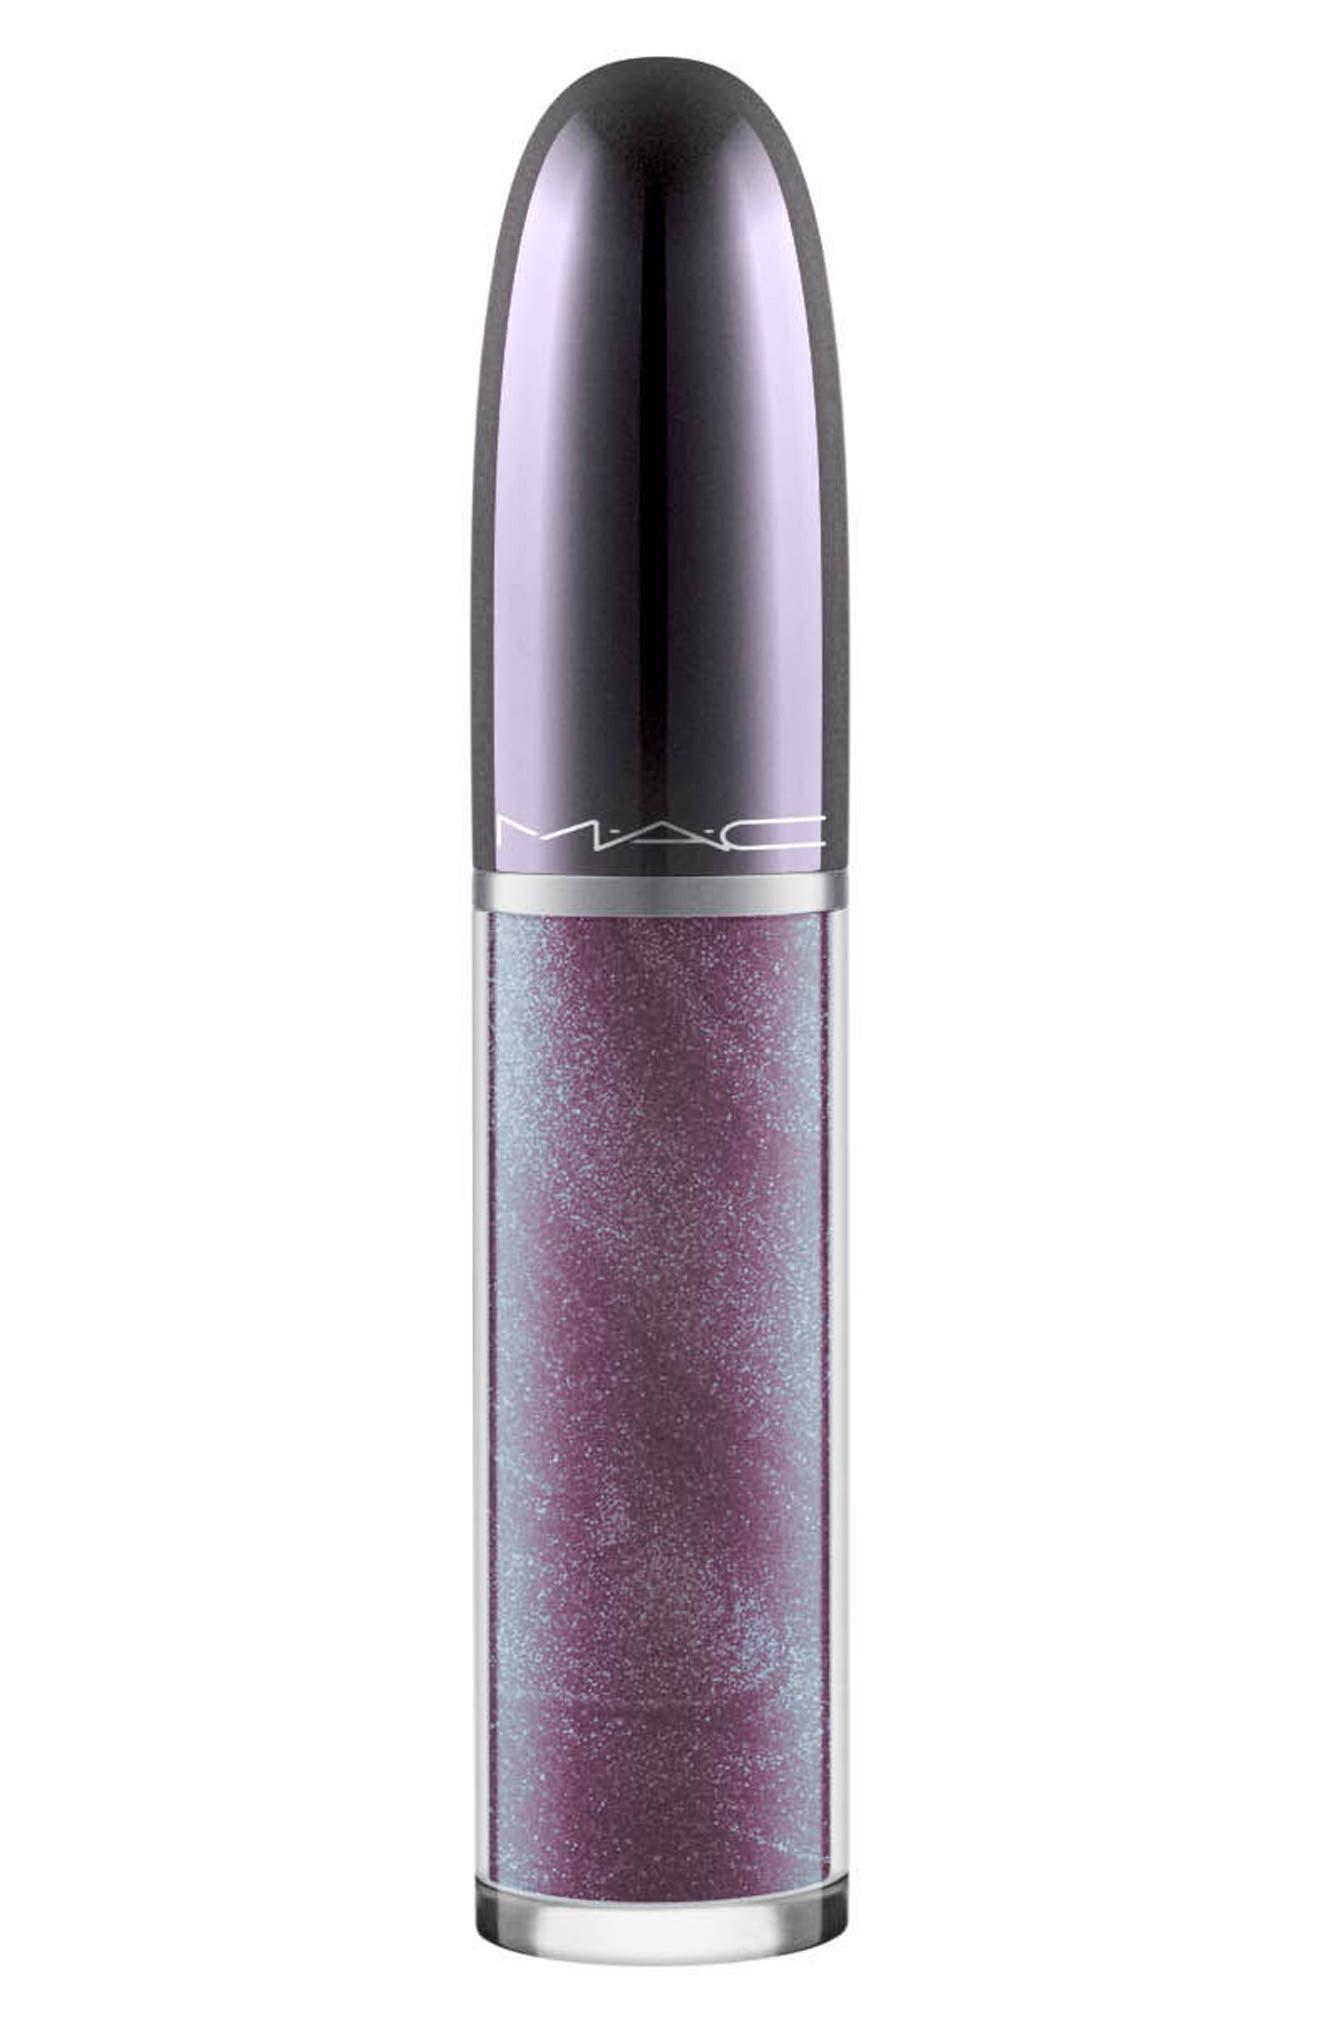 MAC Grand Illusion Glossy Liquid Lipcolor